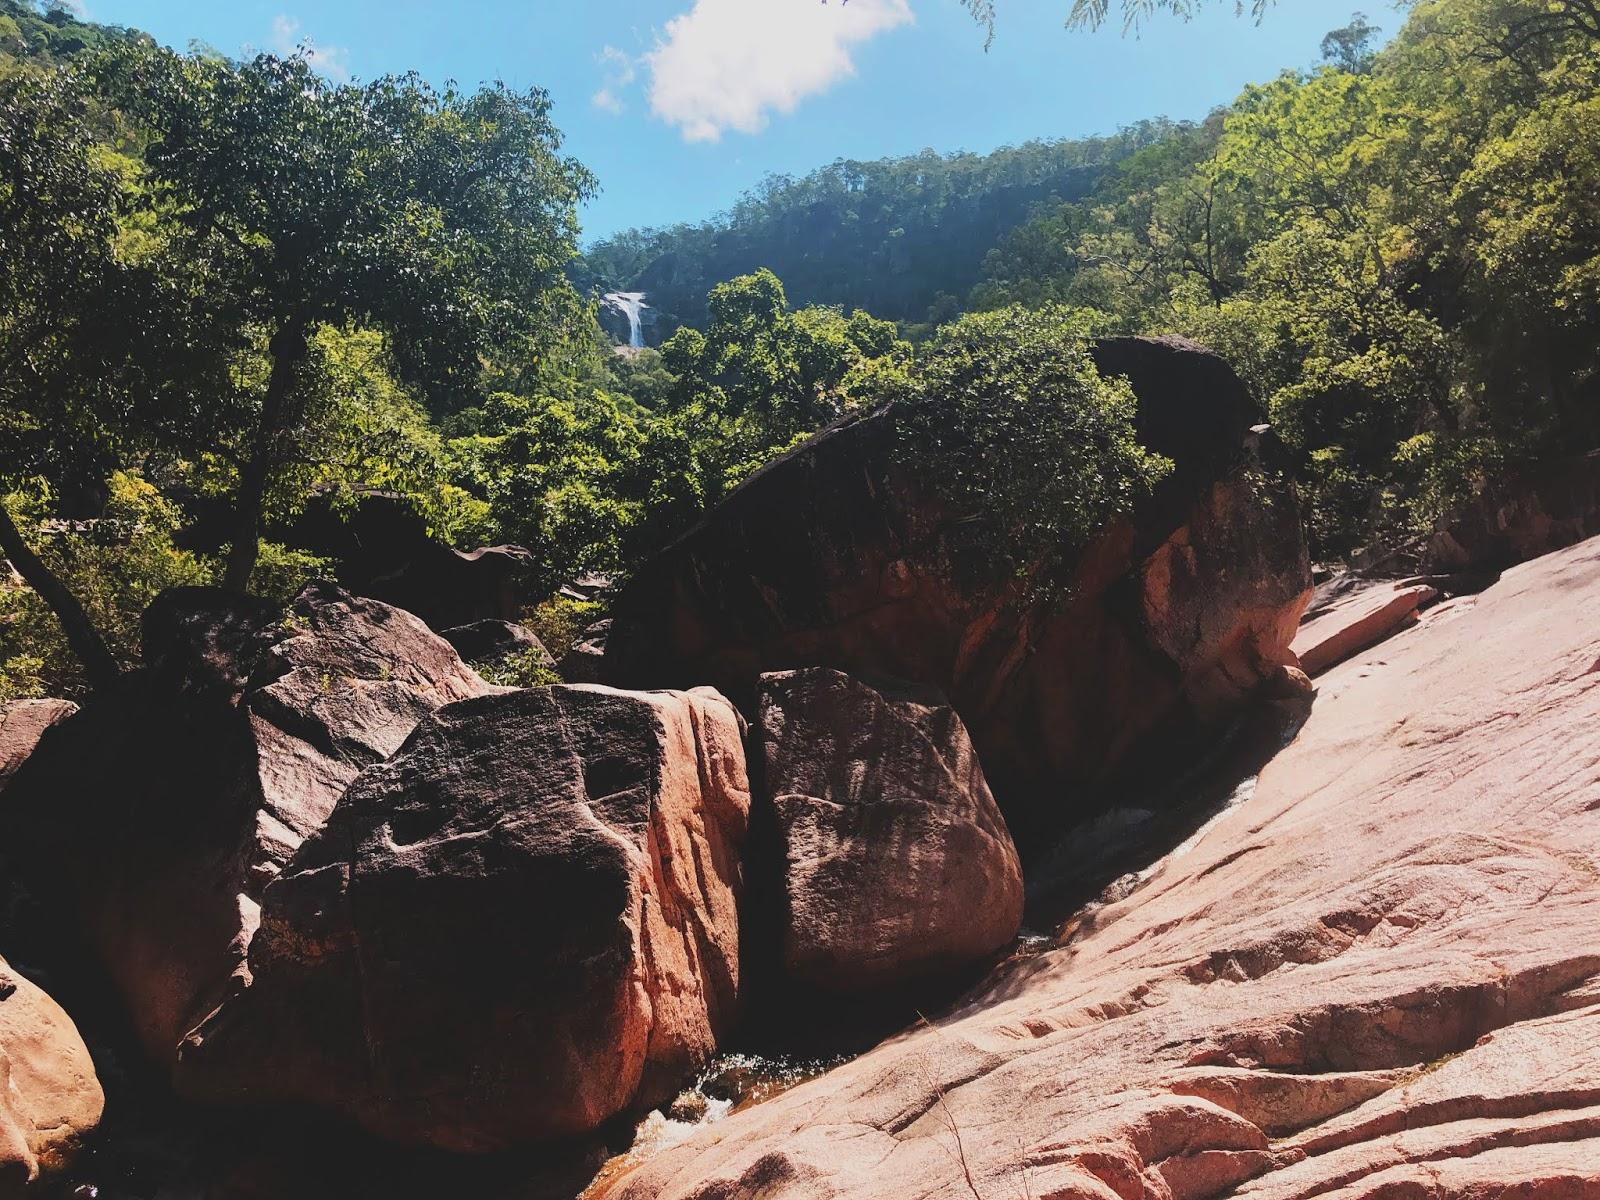 Strumienie i wodospady Big Crystal Creek niedaleko miasteczka Mutarnee w Australii